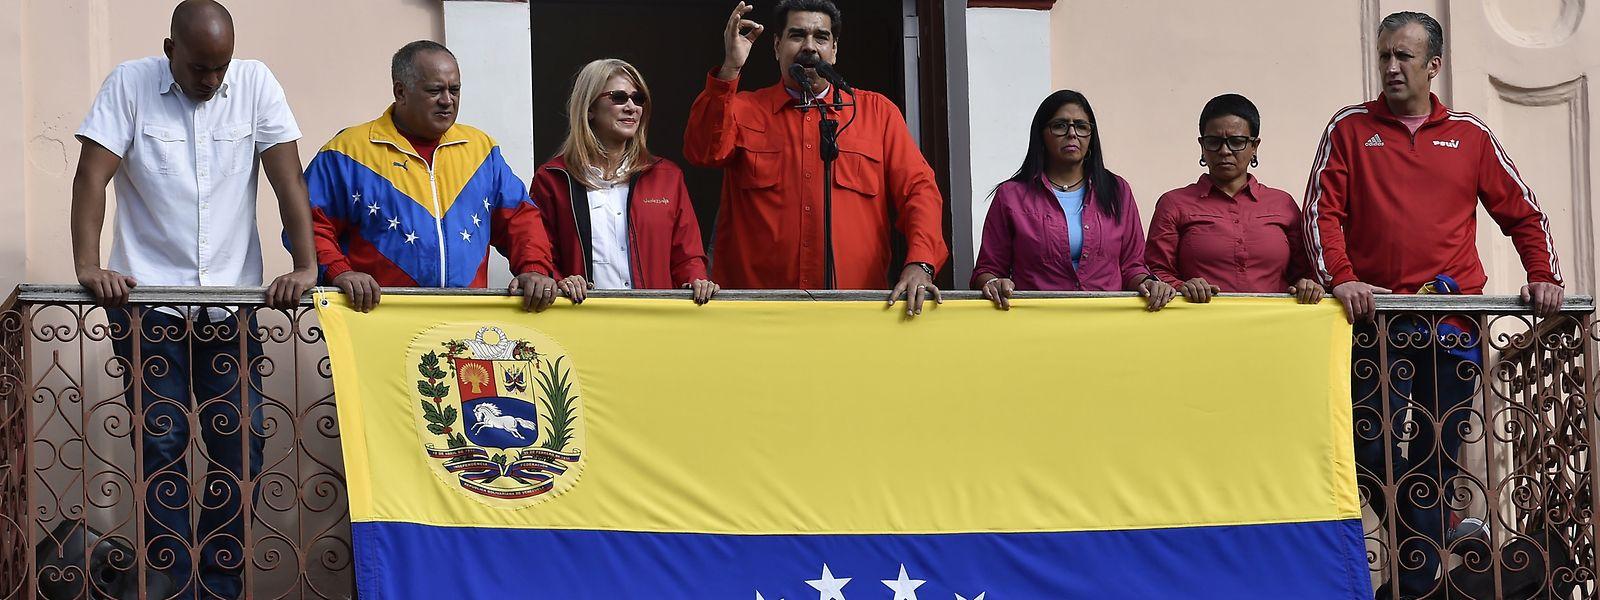 Nicolás Maduro (Mitte) bei der Ansprache an seine Unterstützer.